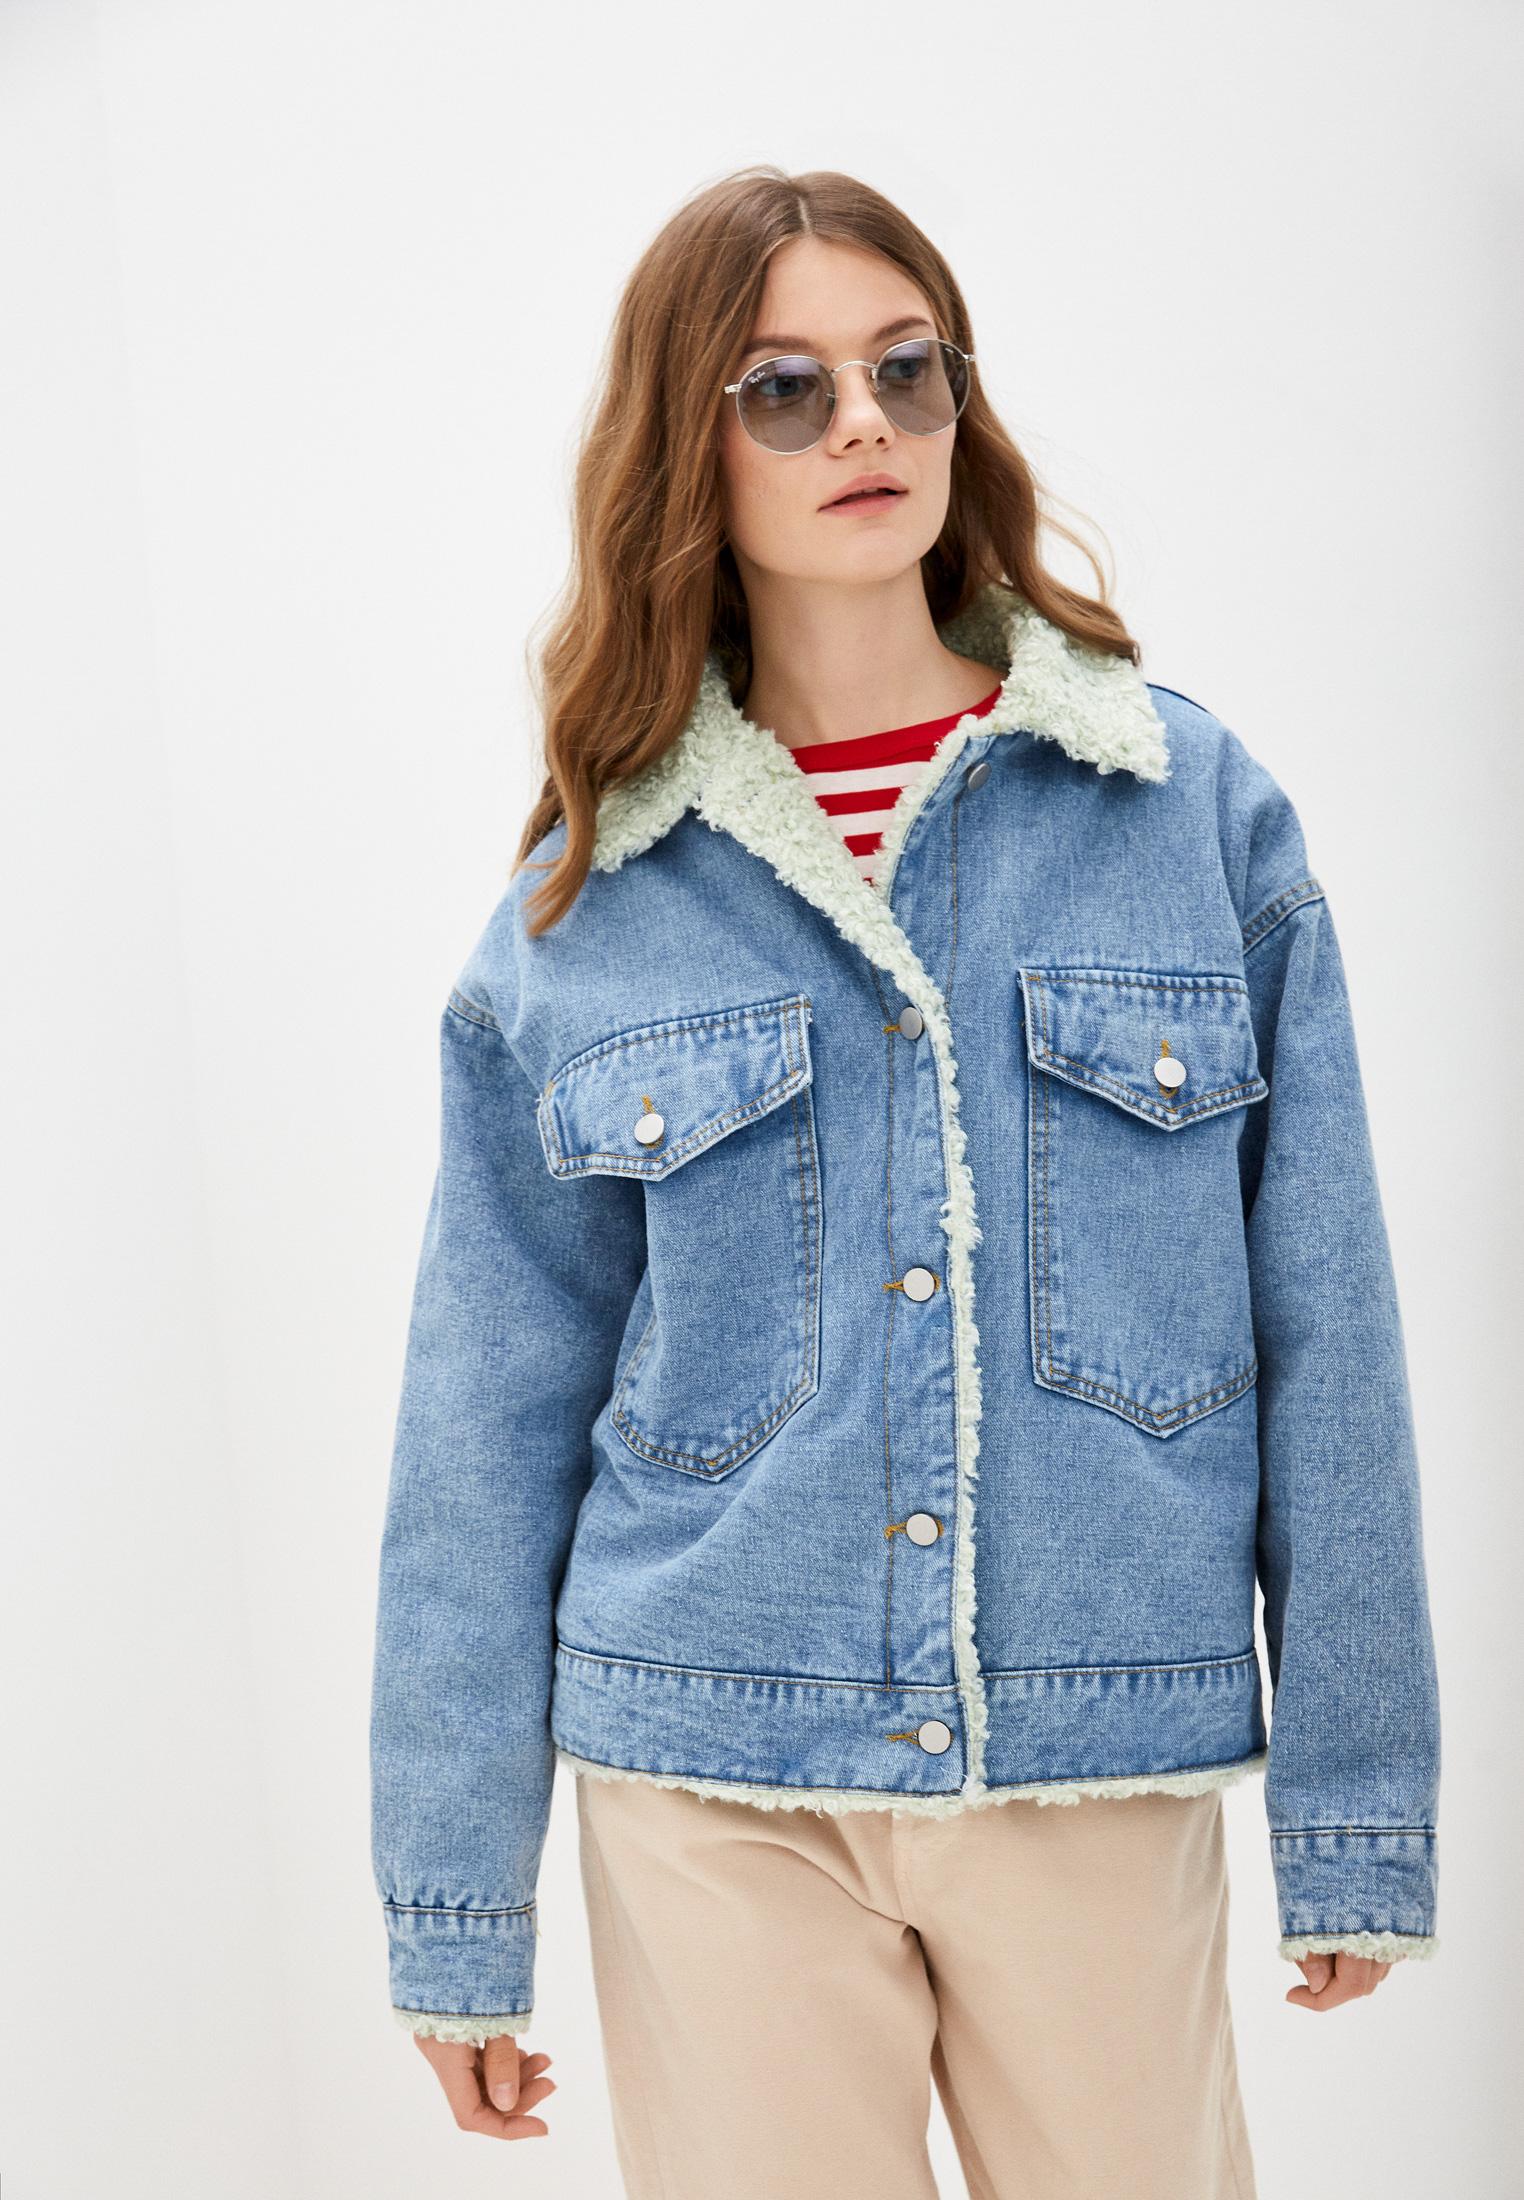 Джинсовая куртка Vickwool Куртка джинсовая Vickwool